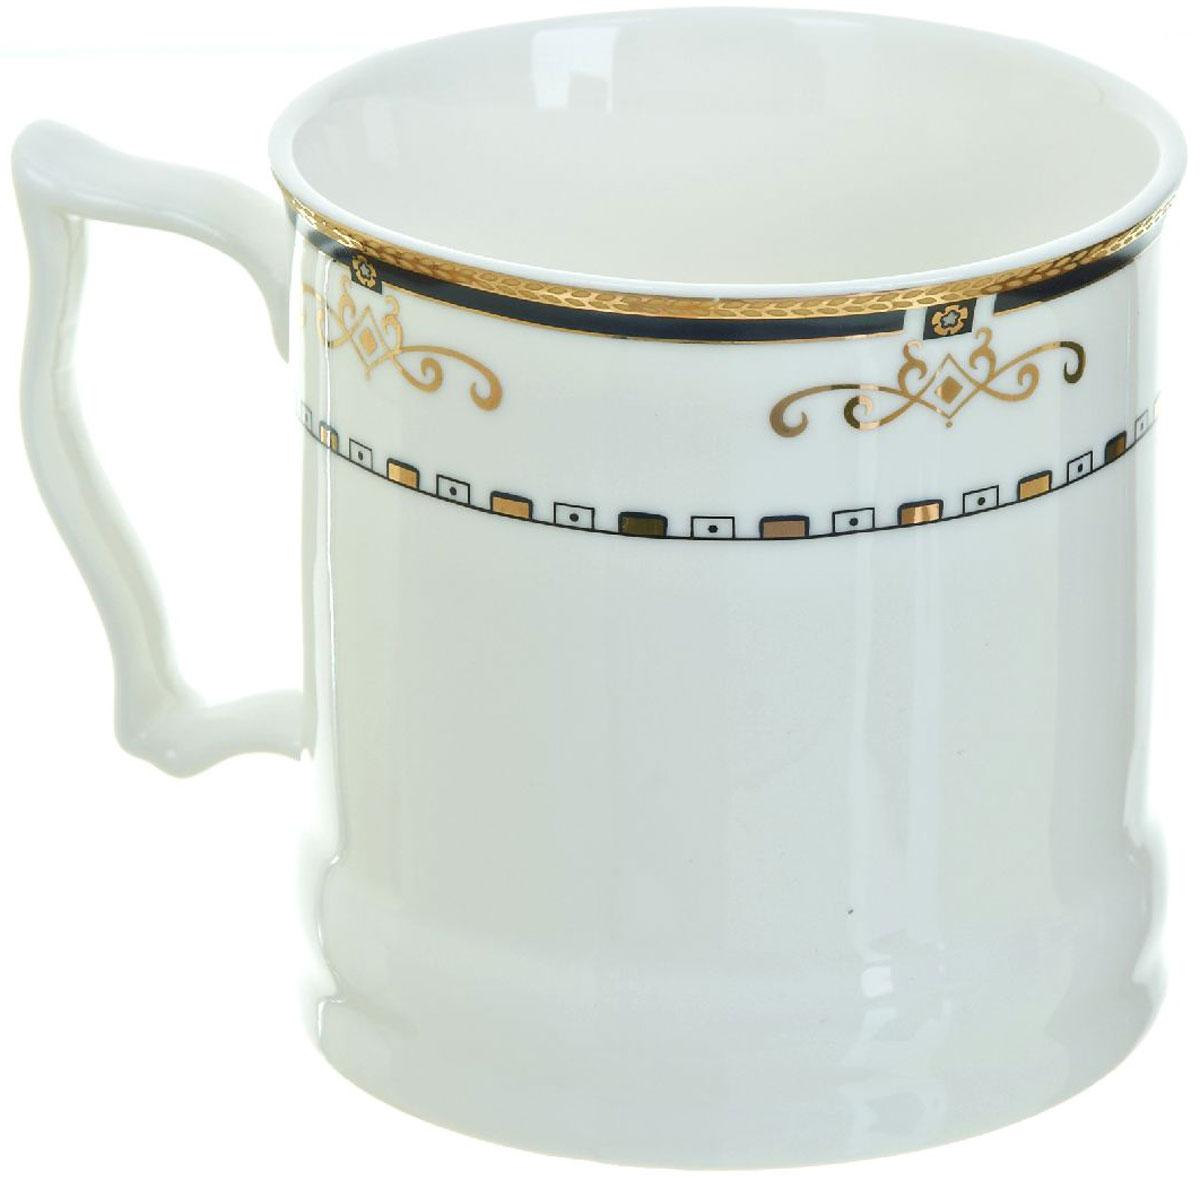 Кружка BHP Королевская кружка, 500 мл. 18700051870005Оригинальная кружка Best Home Porcelain, выполненная из высококачественного фарфора, сочетает в себе простой, утонченный дизайн с максимальной функциональностью. Оригинальность оформления придутся по вкусу тем, кто ценит индивидуальность. В комплект входит кружка. Можно использовать в ПММ.